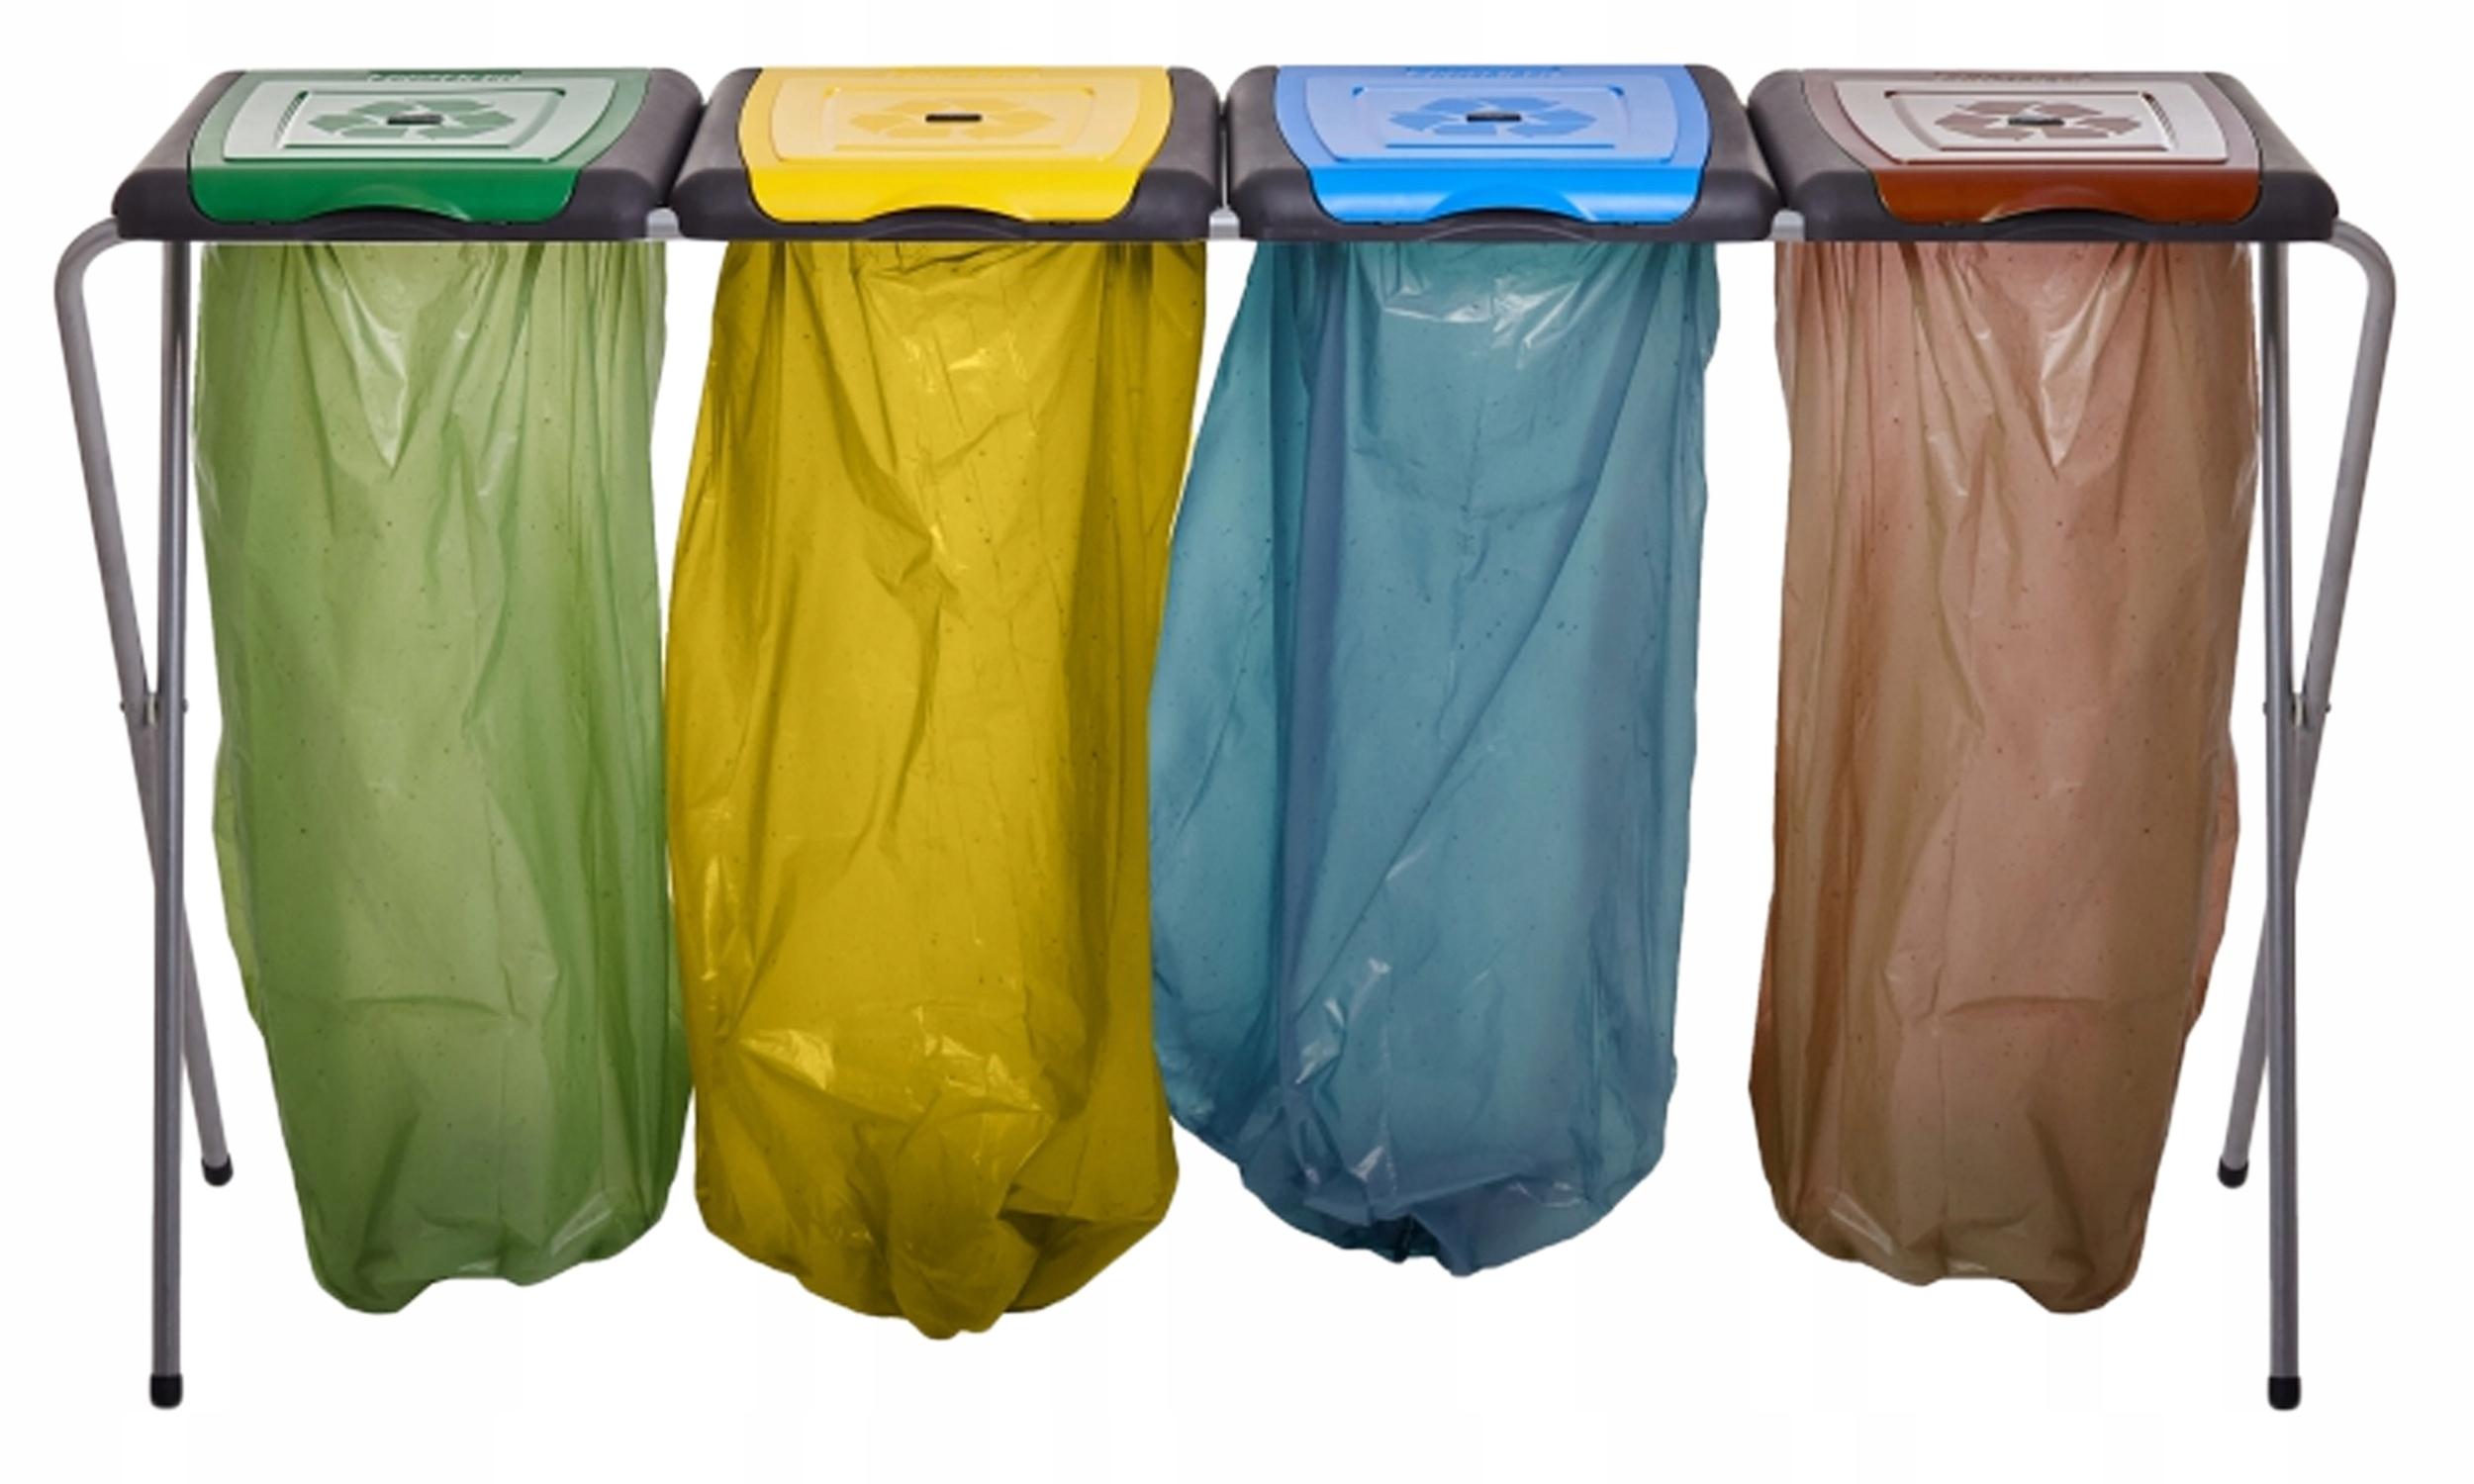 Стойка для сумок, мусорное ведро для сортировки отходов